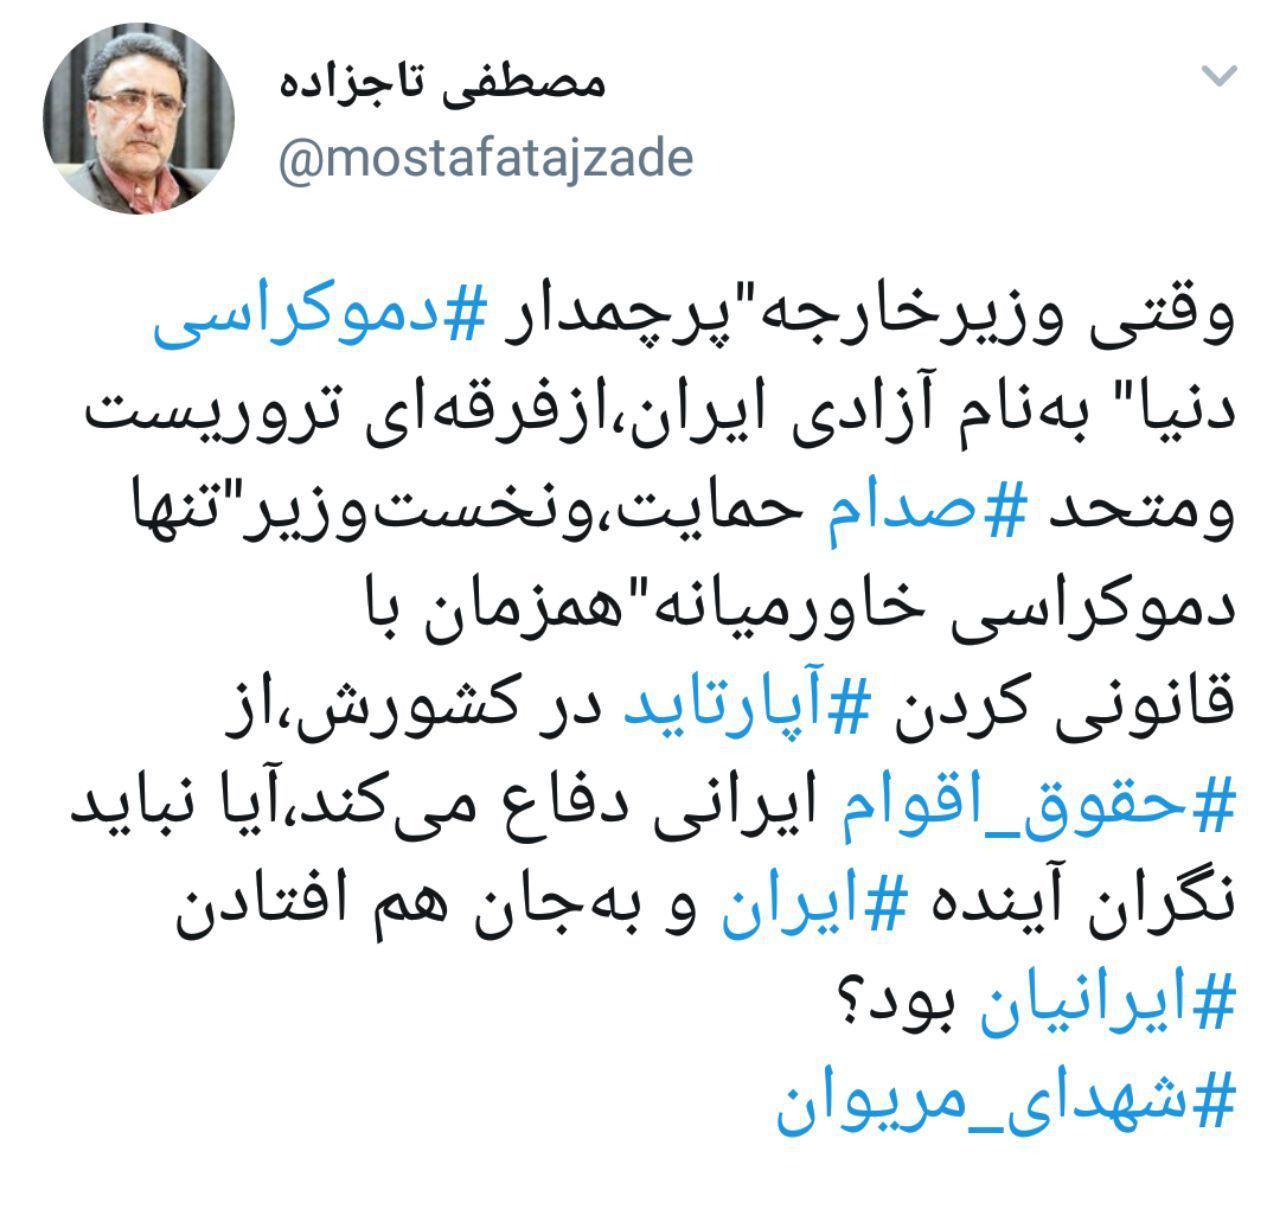 تاجزاده: آیا نباید نگران آینده ایران و به جان هم افتادن ایرانیان بود؟